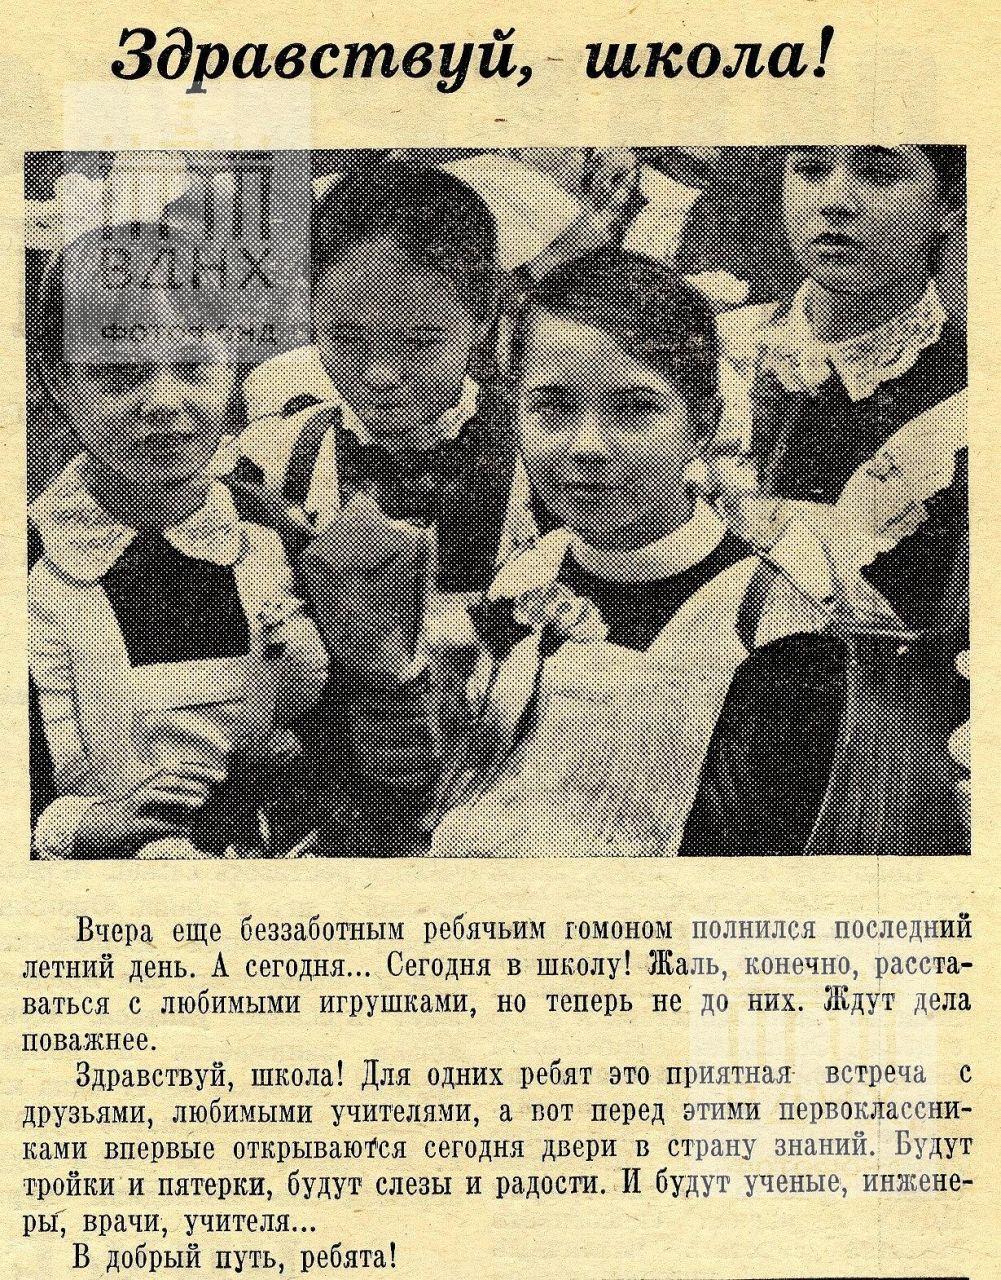 За передовой опыт. 1975, №69